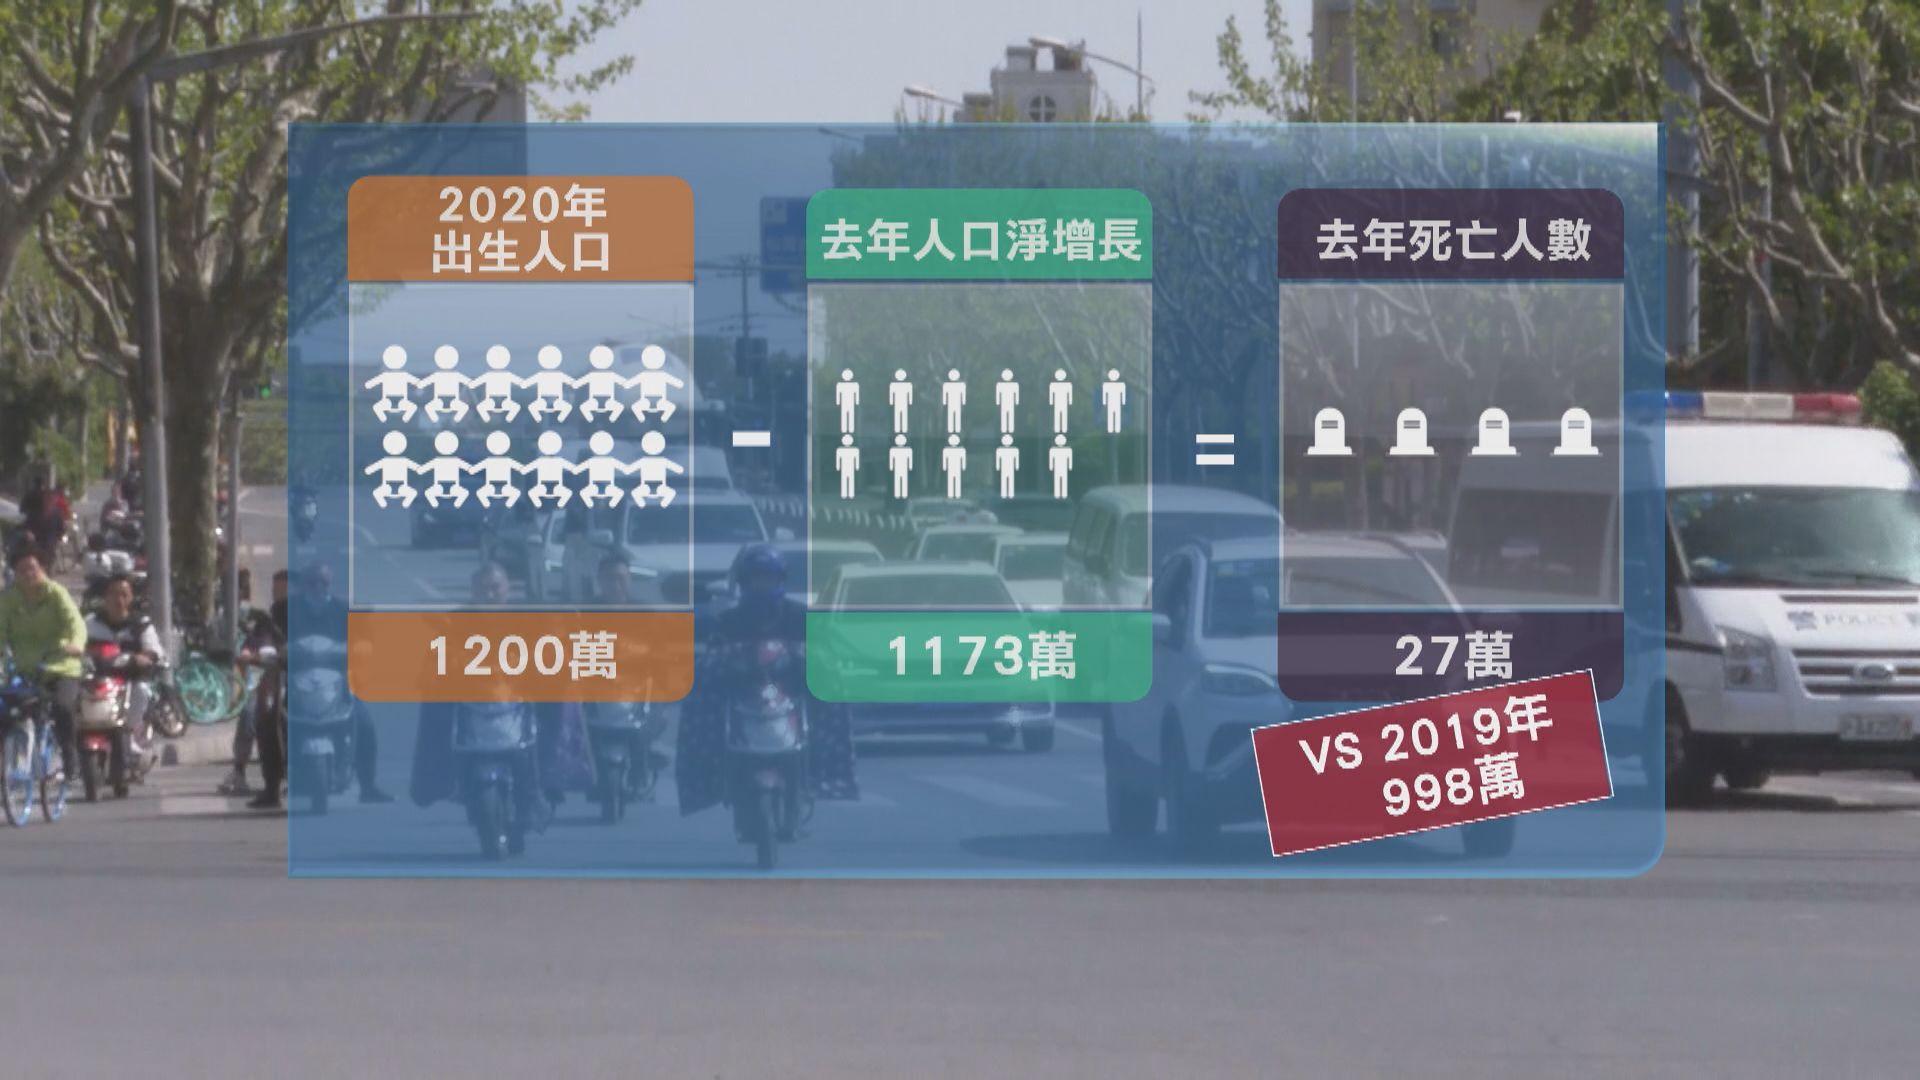 人口普查結果被指與過去數據有矛盾 當局指非普查年份數據以抽樣推算得出